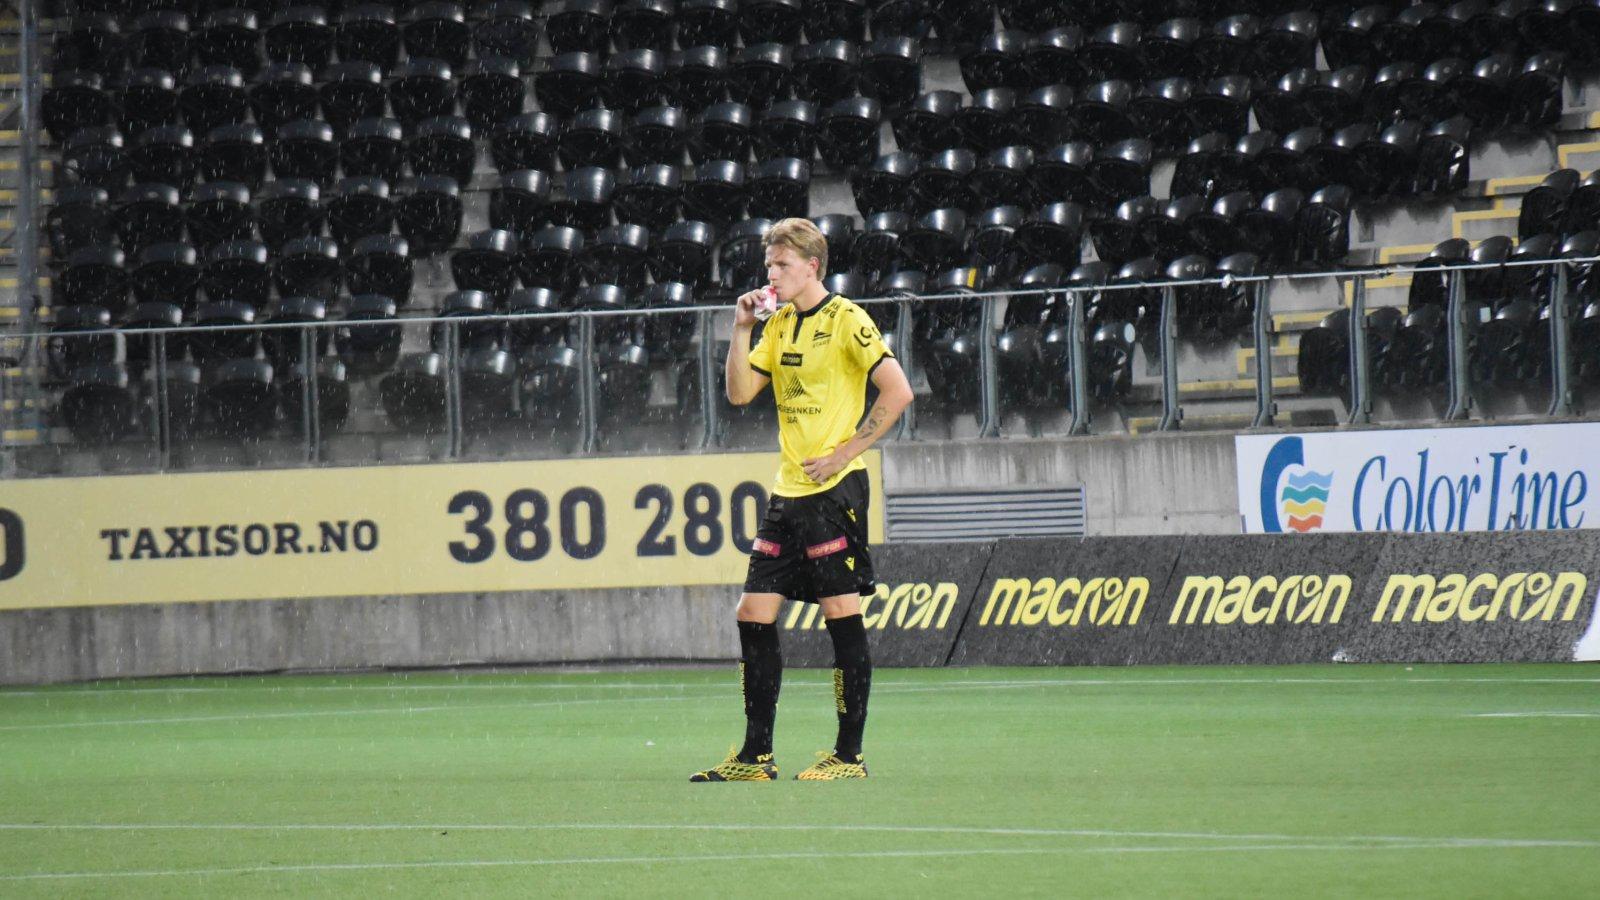 Jesper Daland